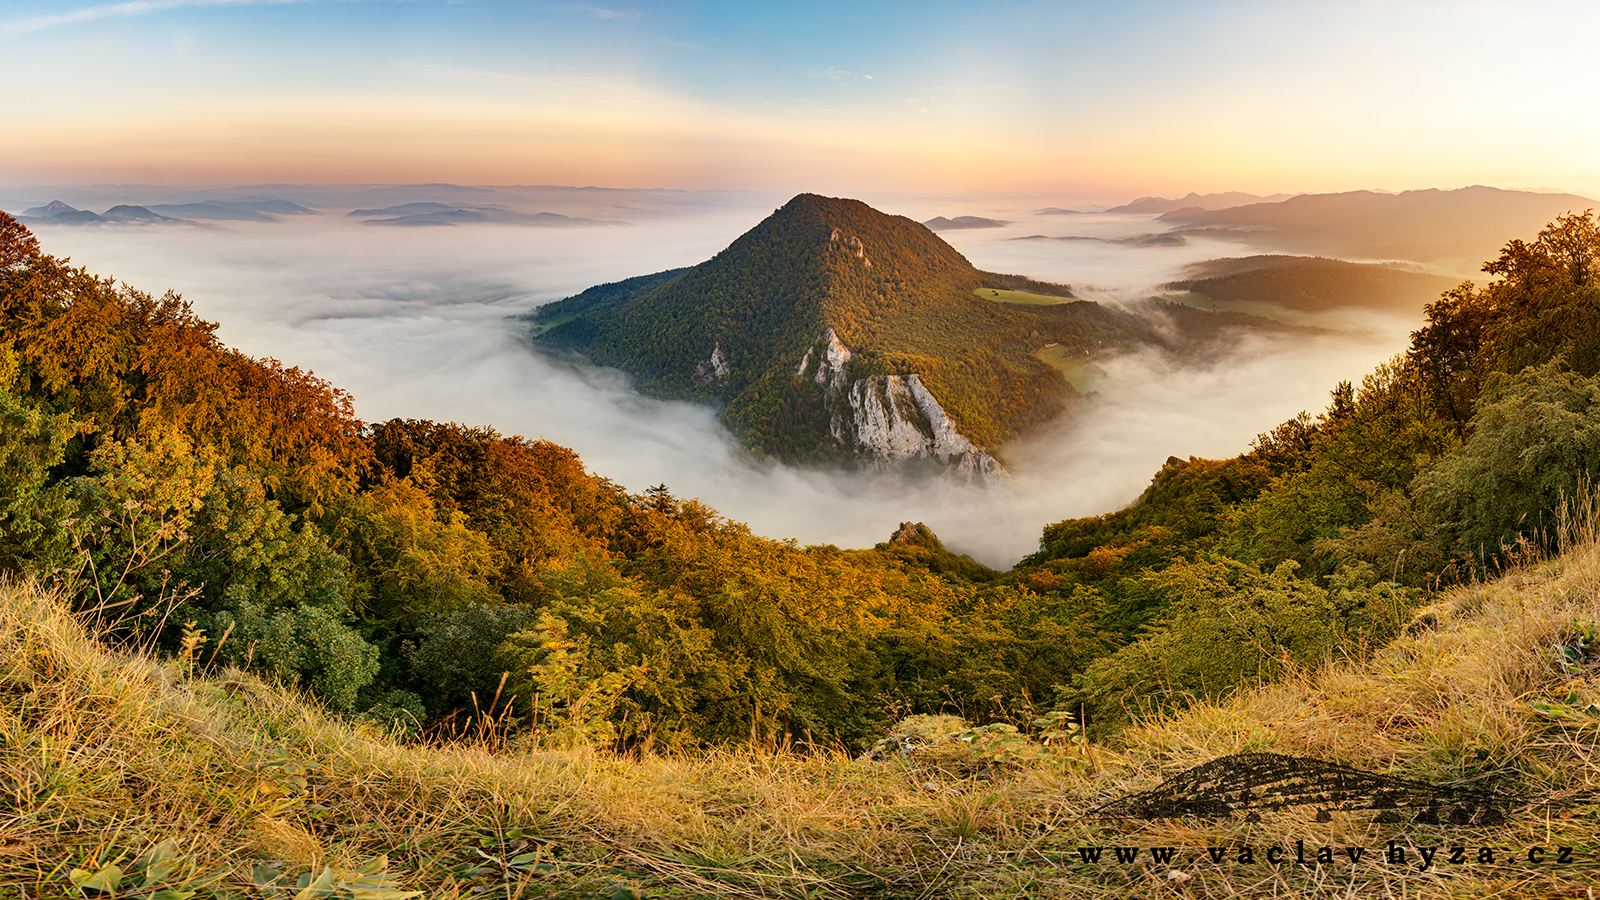 Ostrov v oblacích (Strážovské vrchy) | Foto Václav Hýža | Panorama z 39 snímků, 12× plošně ve dvou řadách, 3× EBKT + 3× ARFX